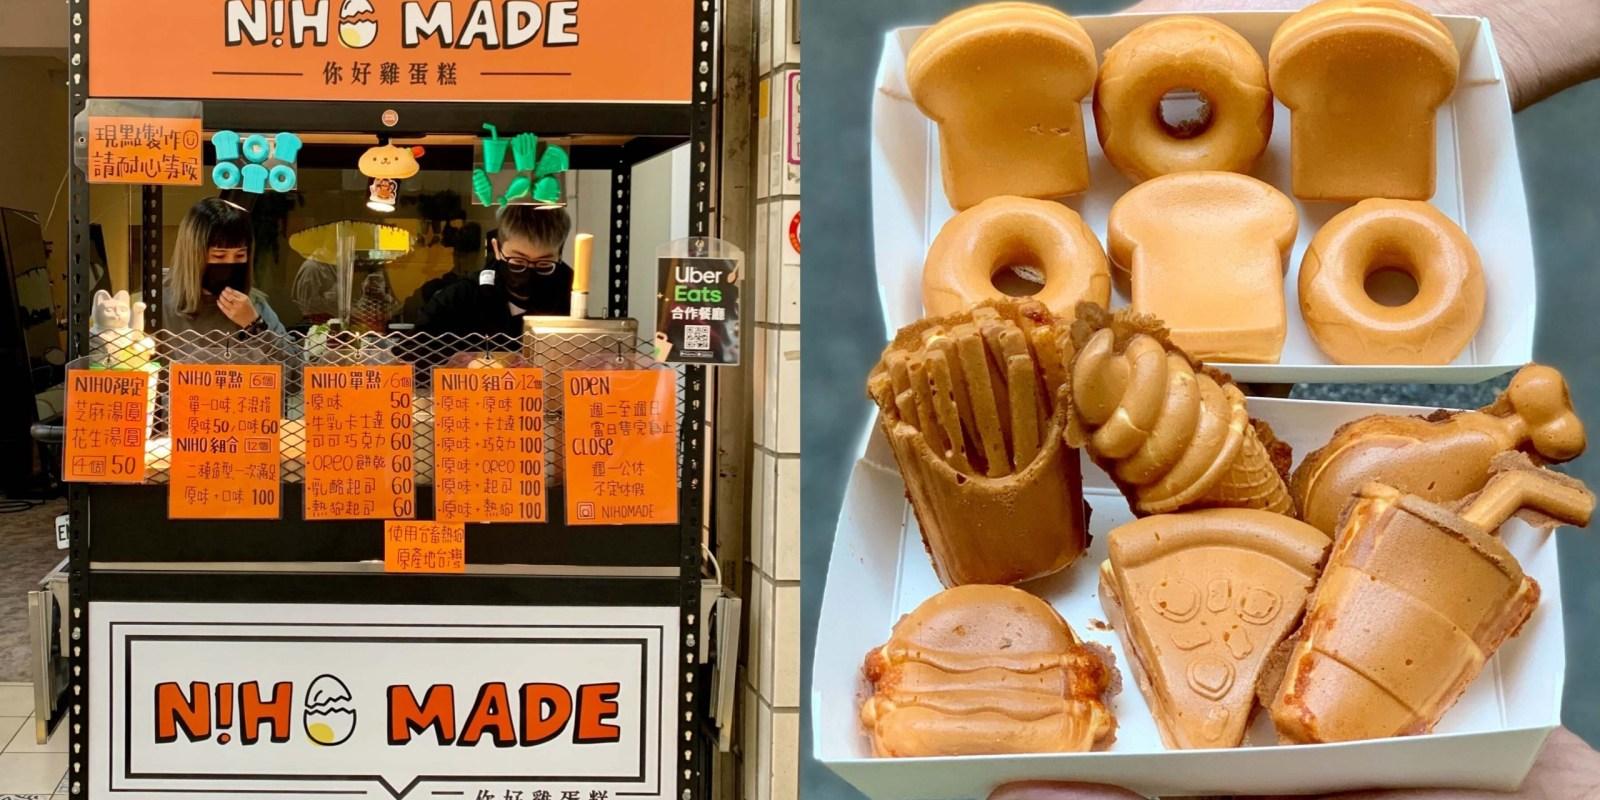 【桃園中壢美食】NIHO MADE你好雞蛋糕 多種特色造型雞蛋糕一次擁有,近期更是推出湯圓限定版!